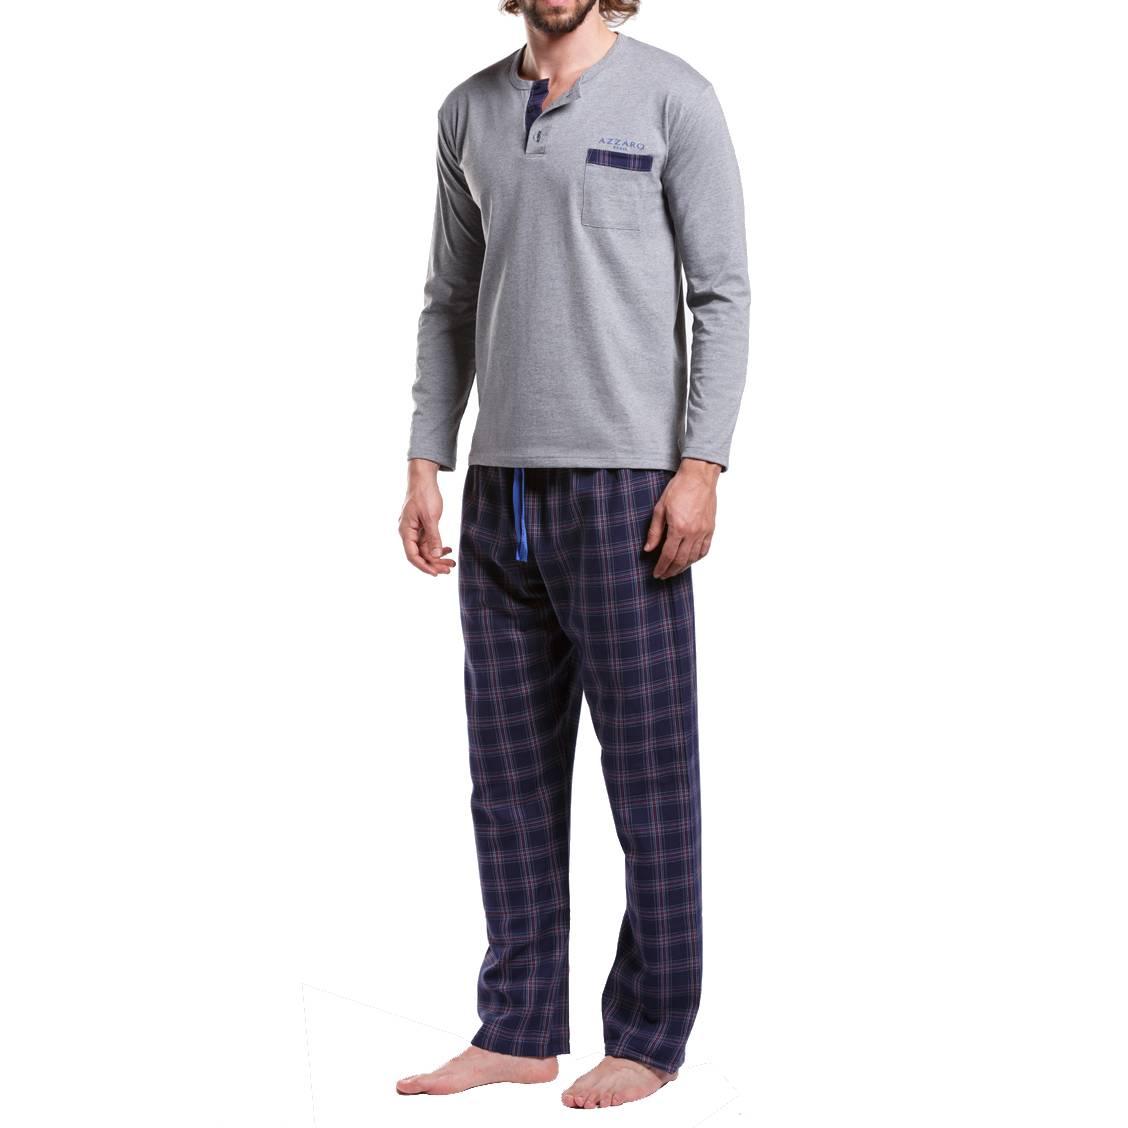 Pyjama long Azzaro en coton : tee-shirt manches longues col tunisien gris chiné et pantalon à carreaux bleu marine, rouges et blancs